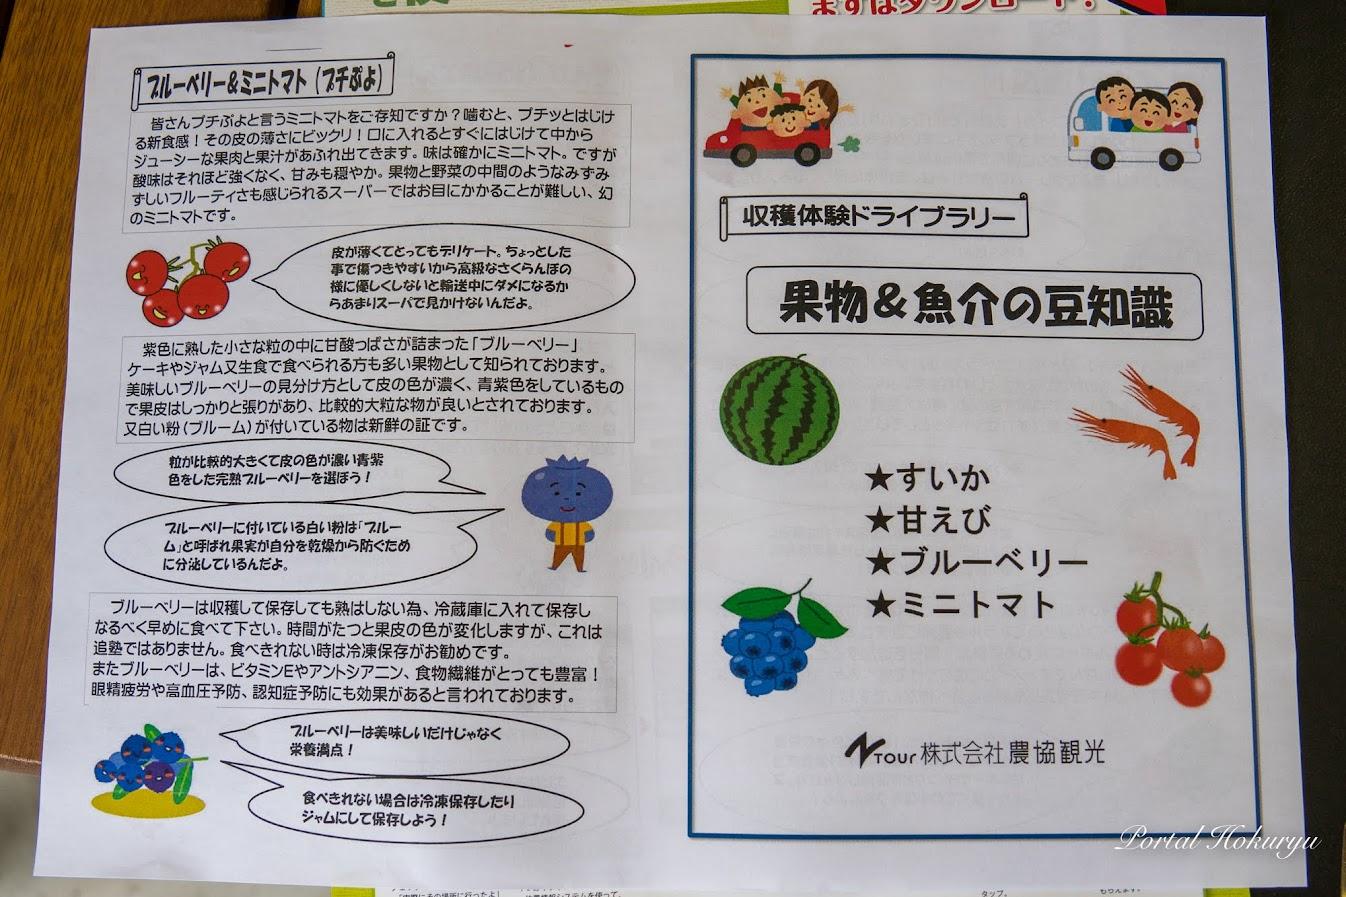 収穫体験ドライブラリー・果物&魚介の豆知識(農協観光)